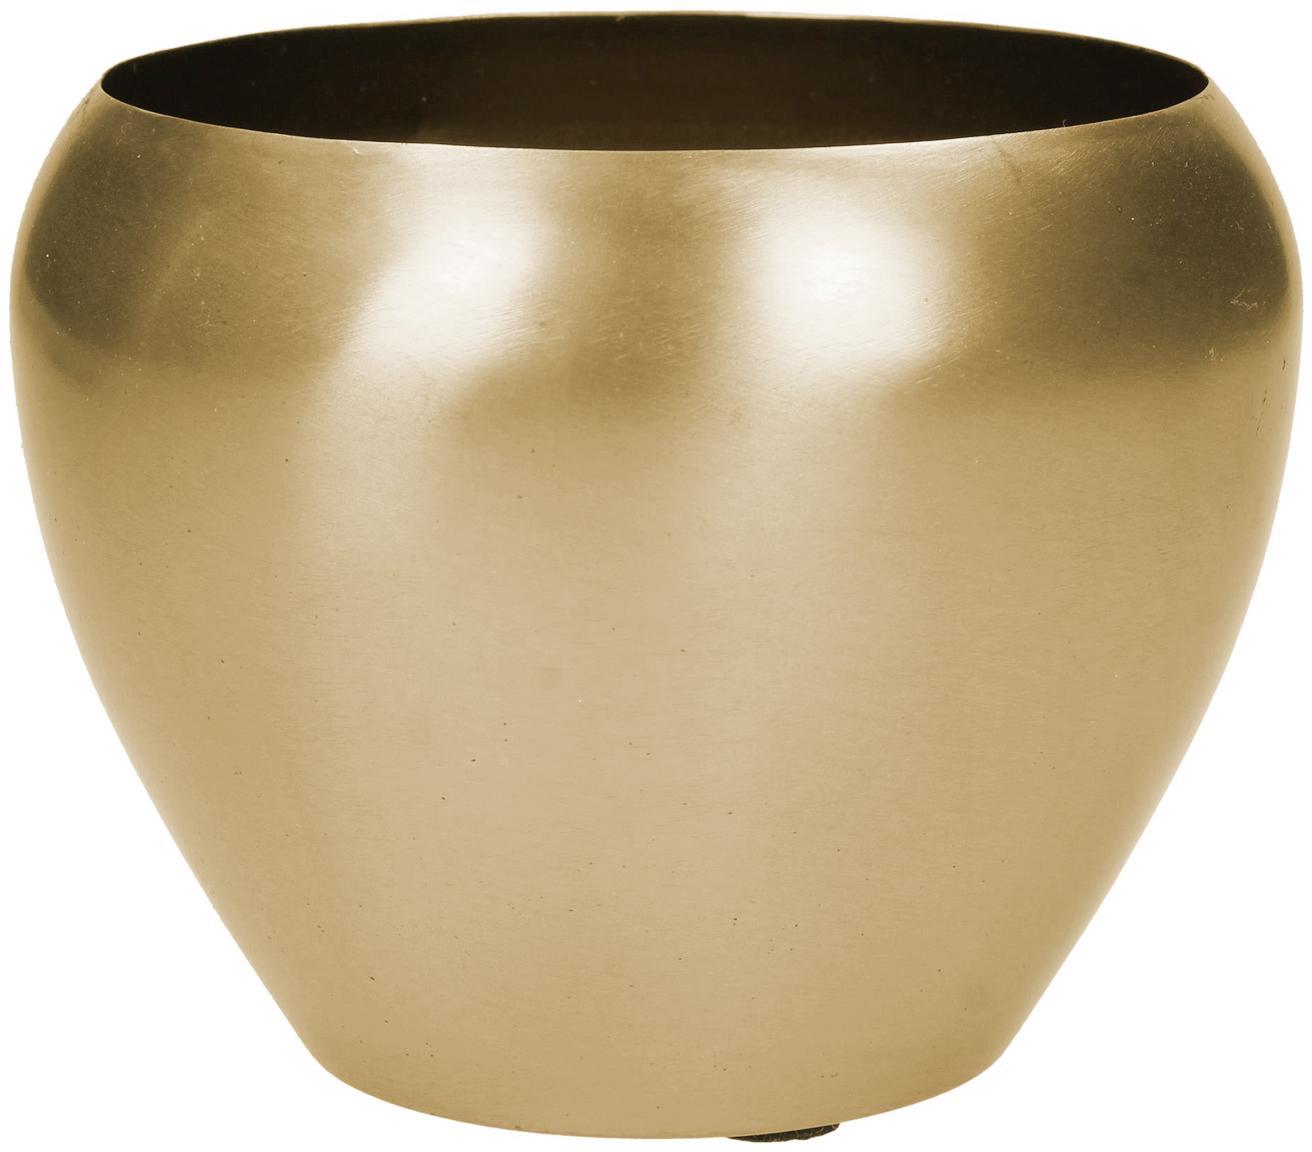 Portavaso in metallo Pat, Metallo rivestito, Ottonato, Ø 12 x Alt. 10 cm